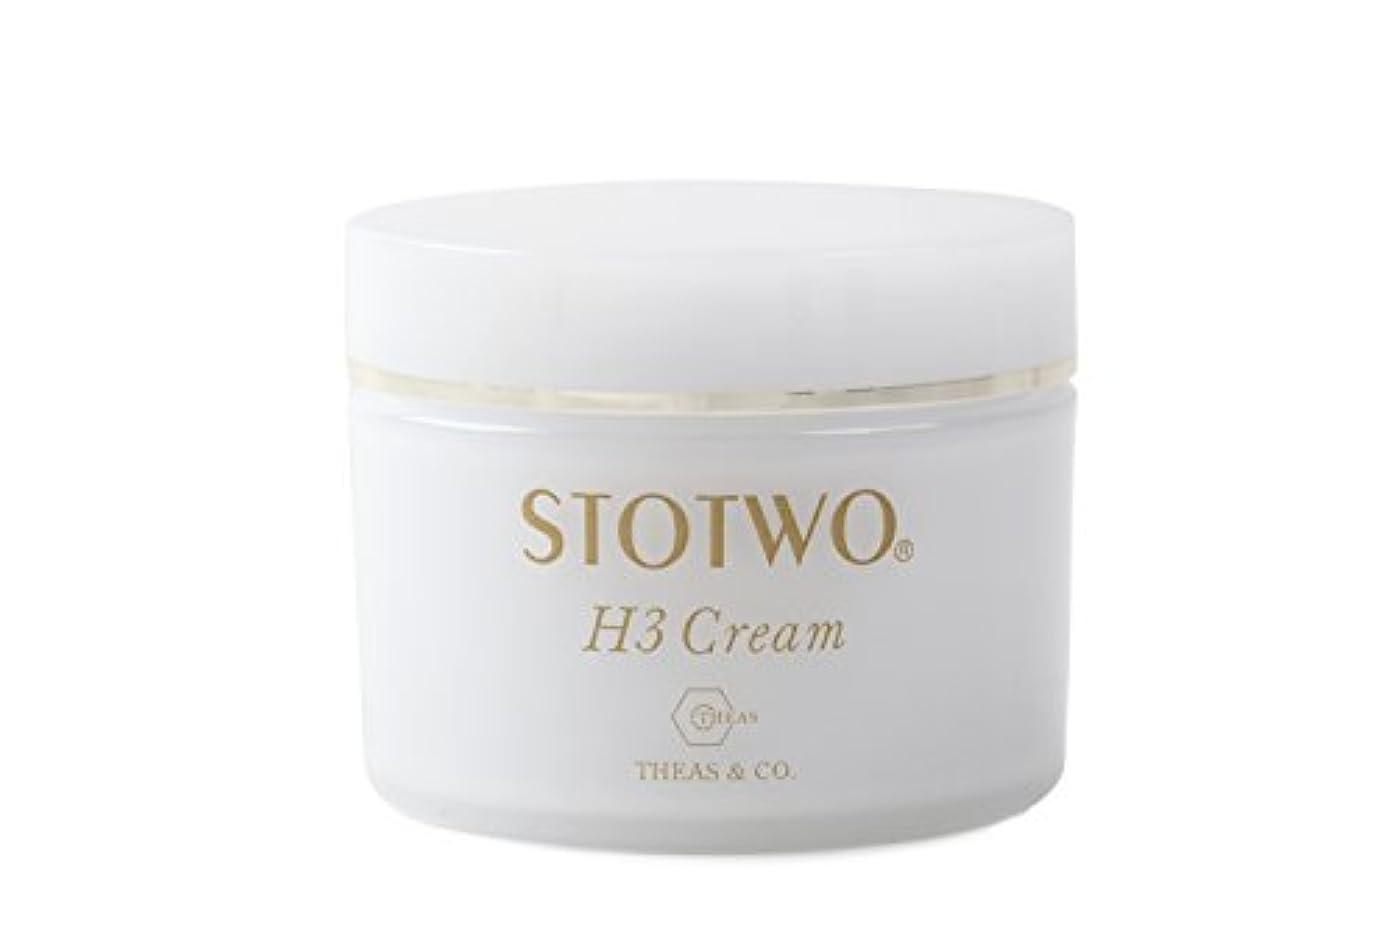 スポンサー気分ズボンストツ(STOTWO)H3 クリームヒアルロン酸 25g